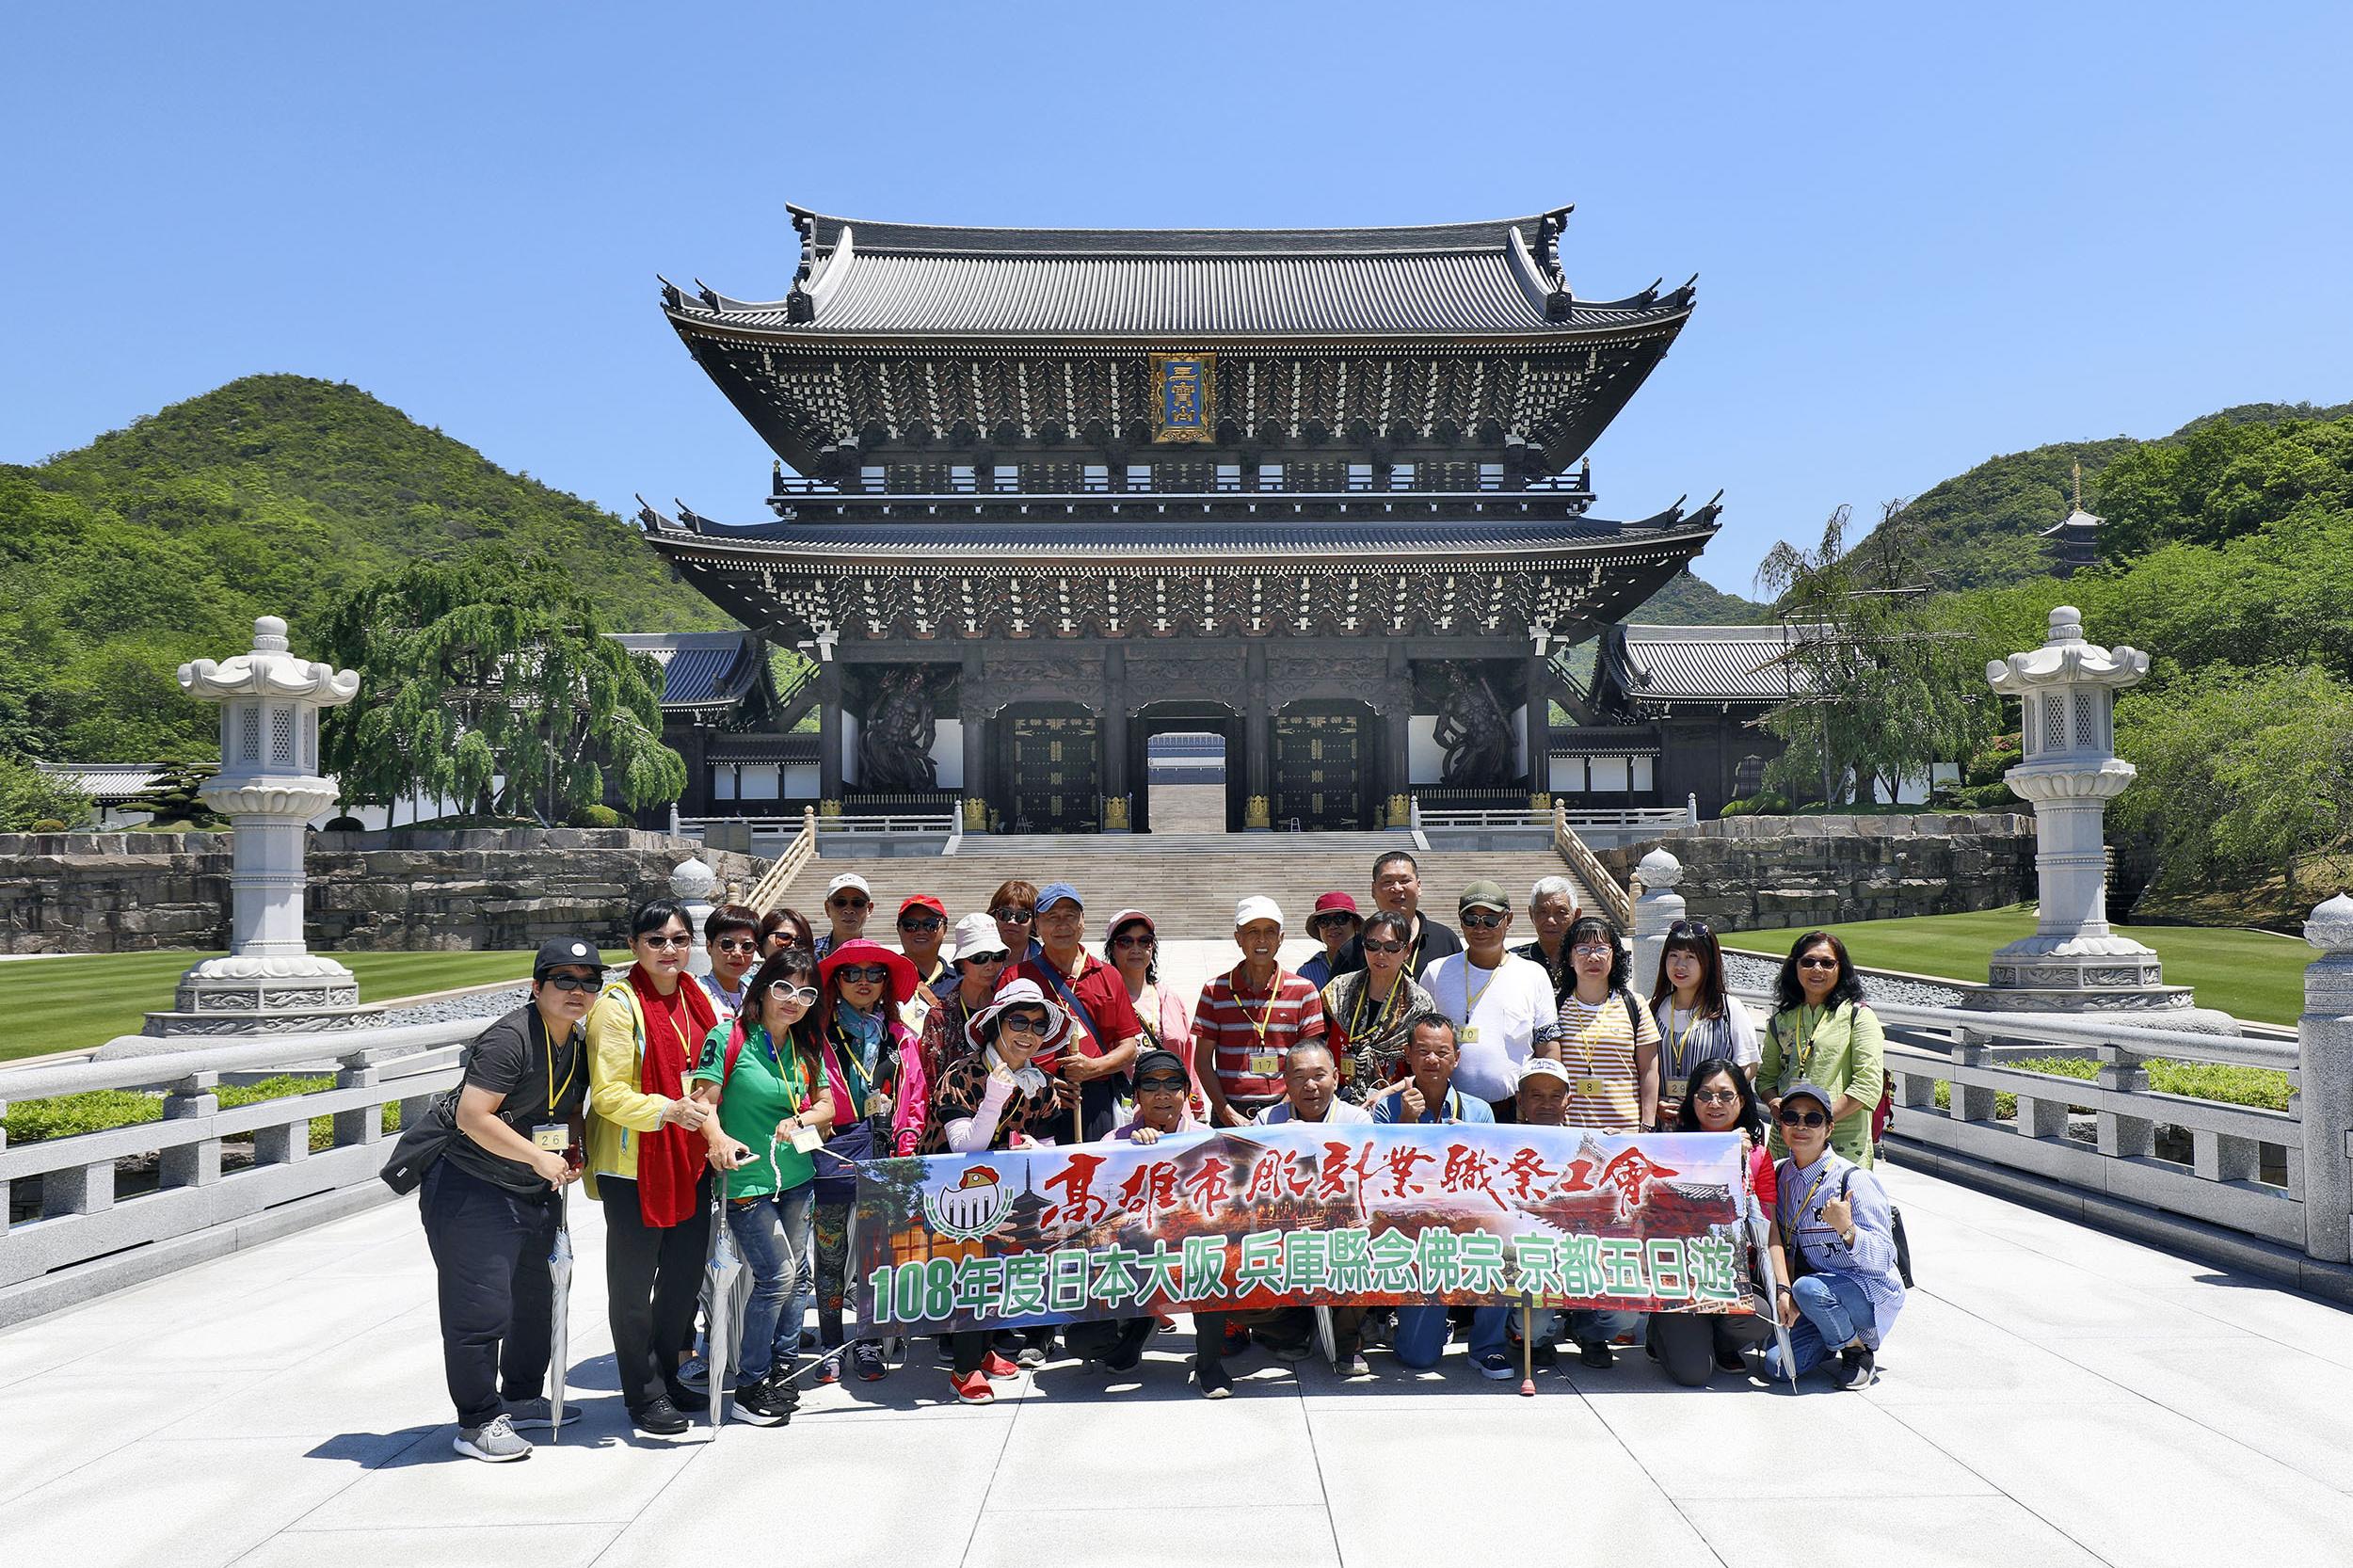 台湾 御一行御参詣